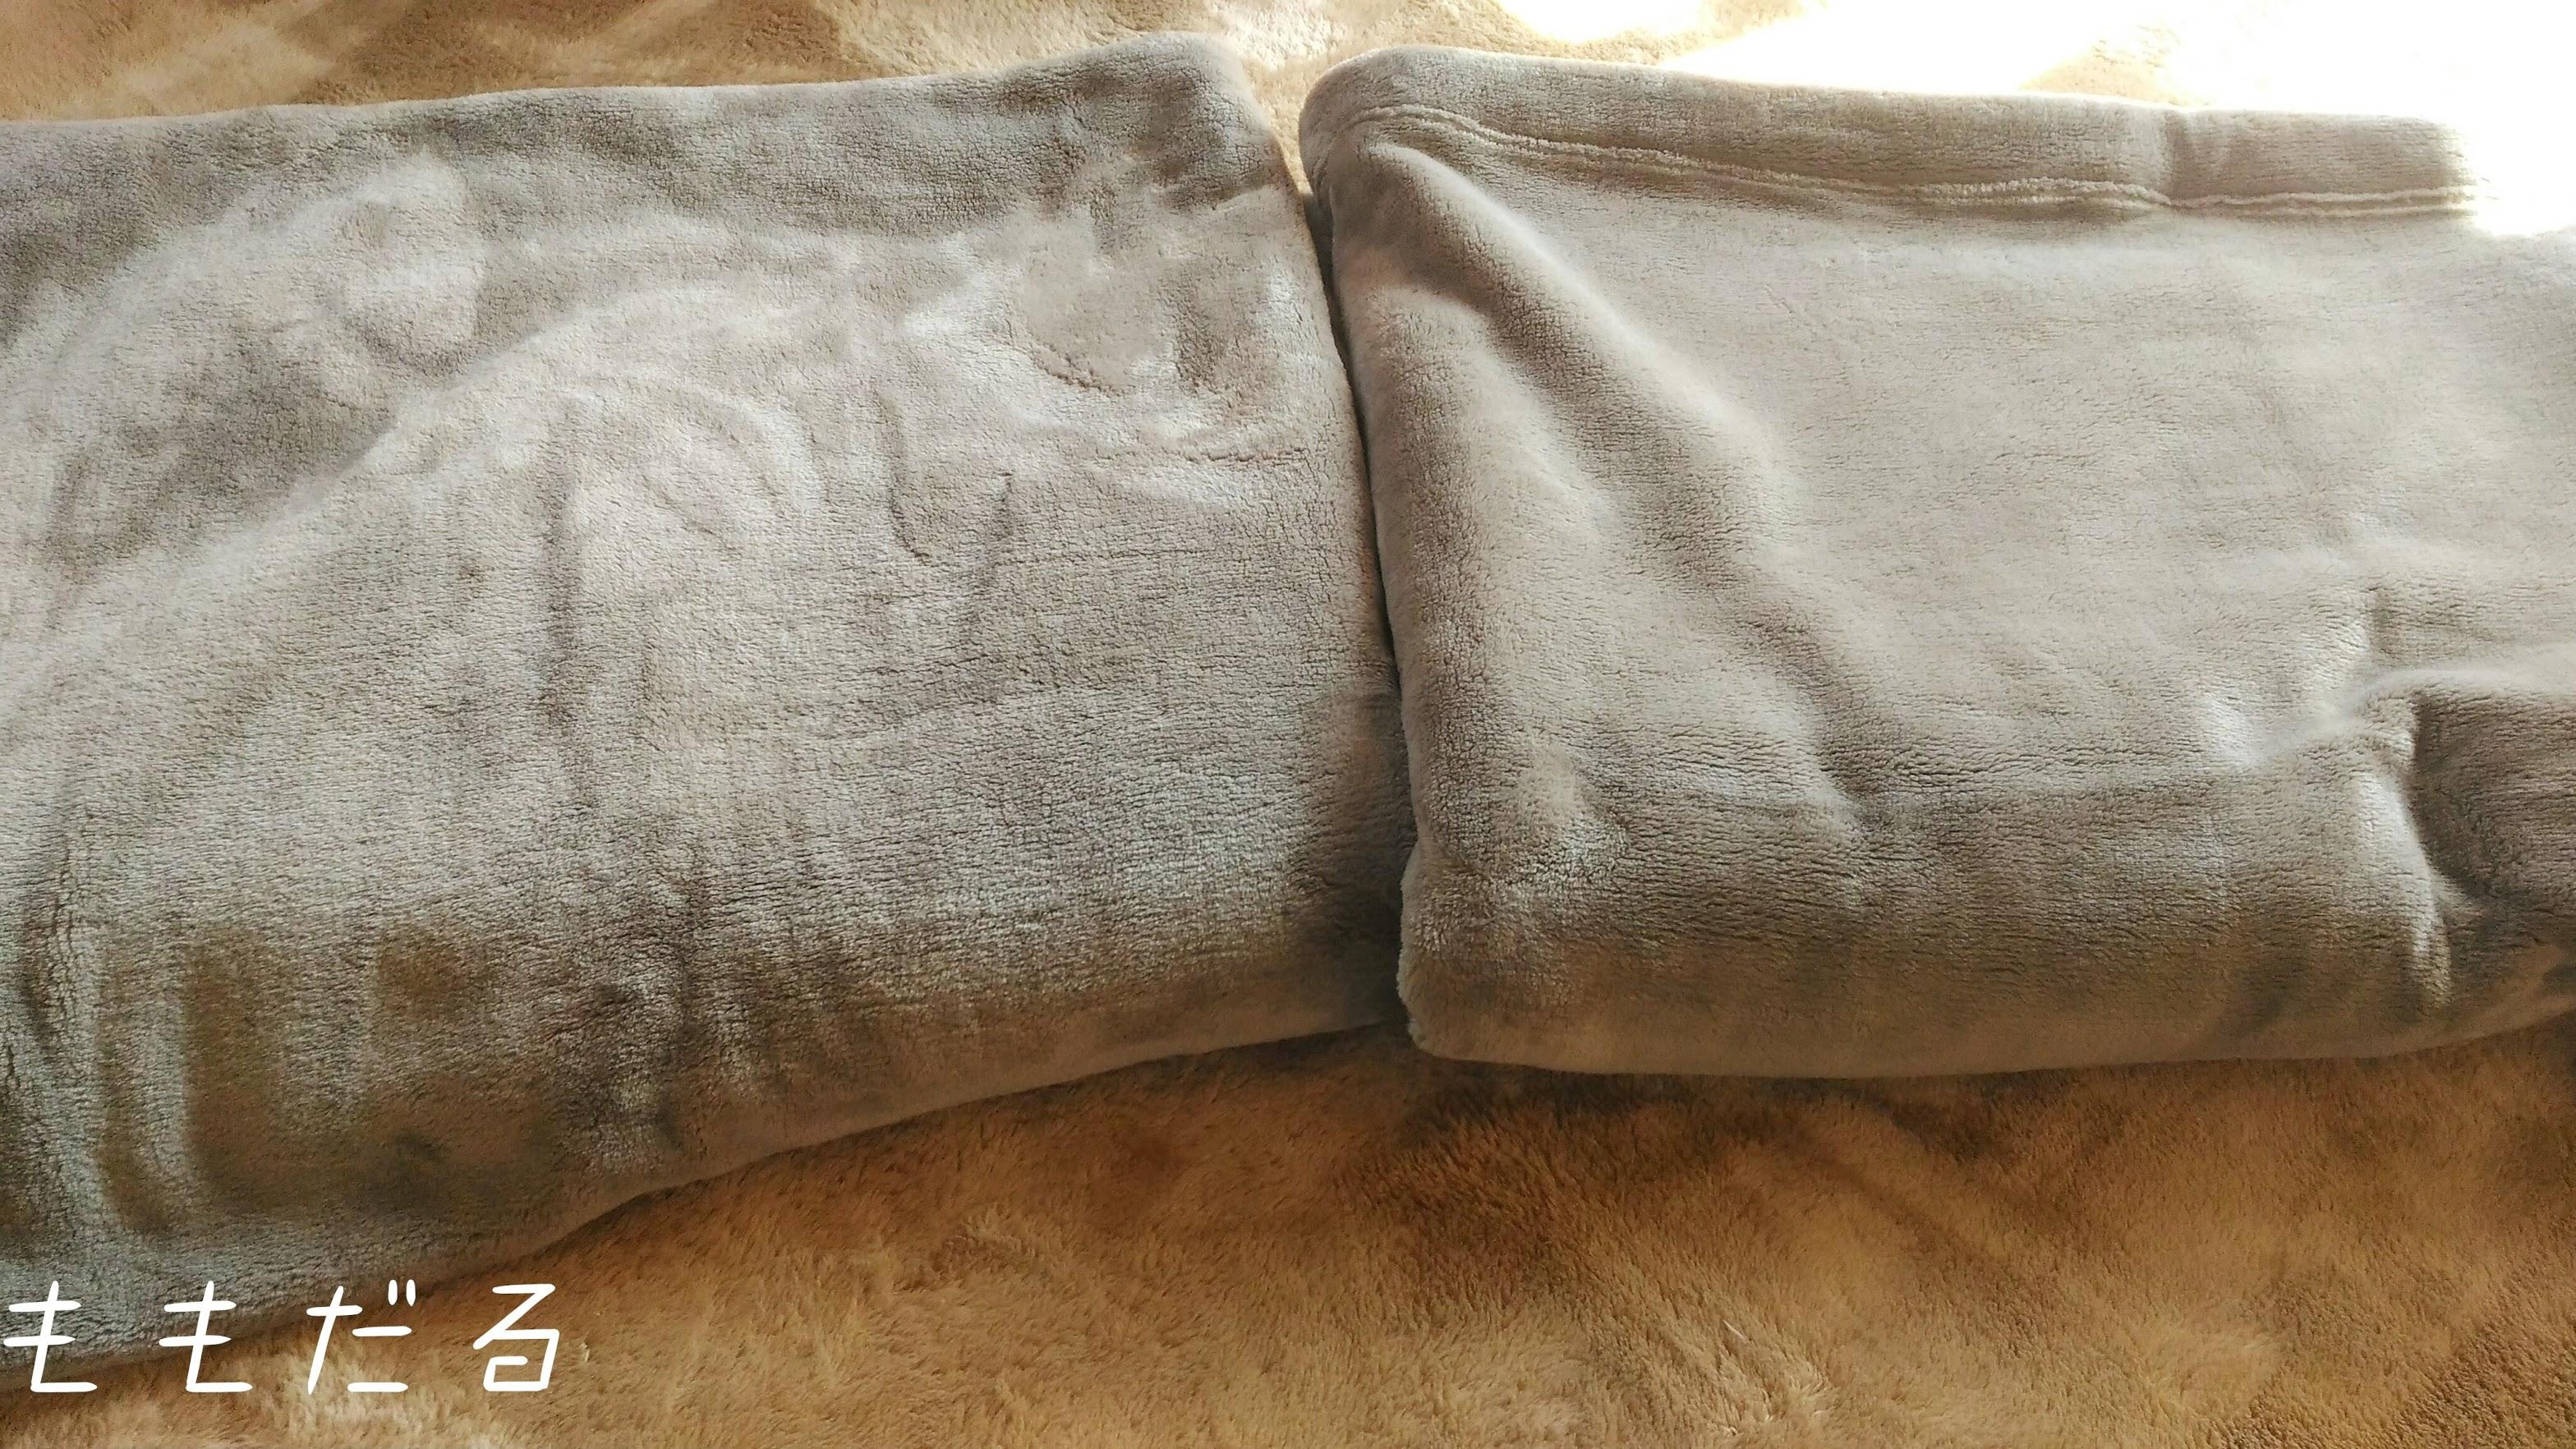 無印良品のあたたかファイバー厚手毛布